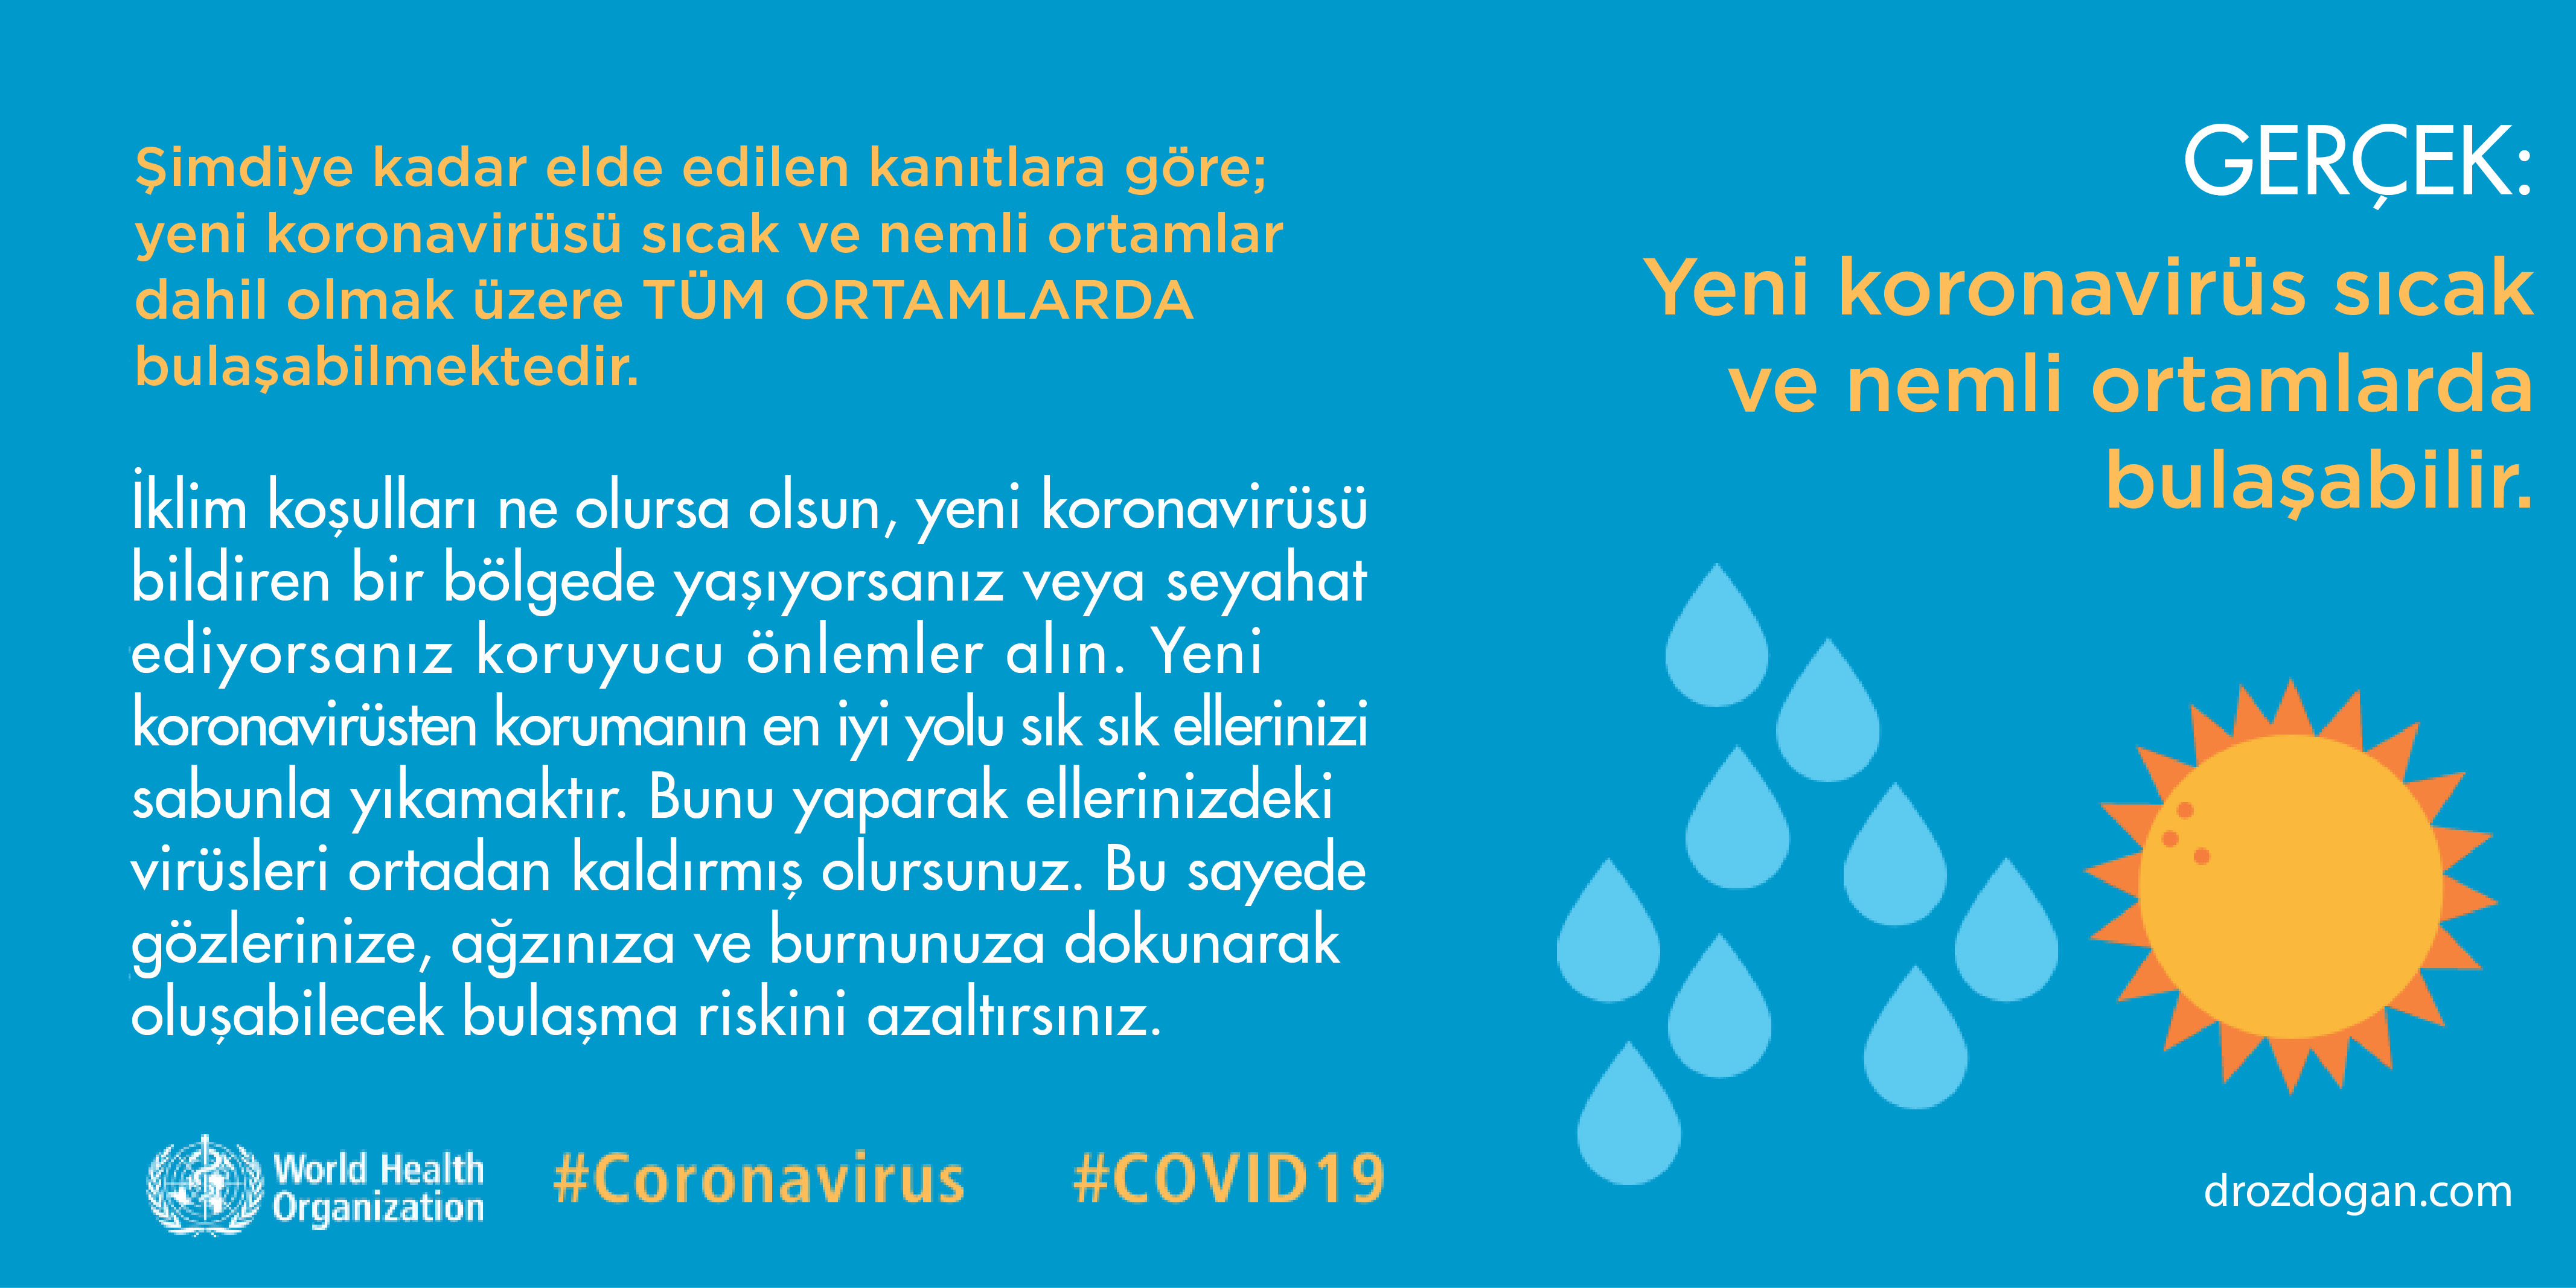 yeni koronavirüs sıcak ve nemli ortamlarda bulaşabilir mi